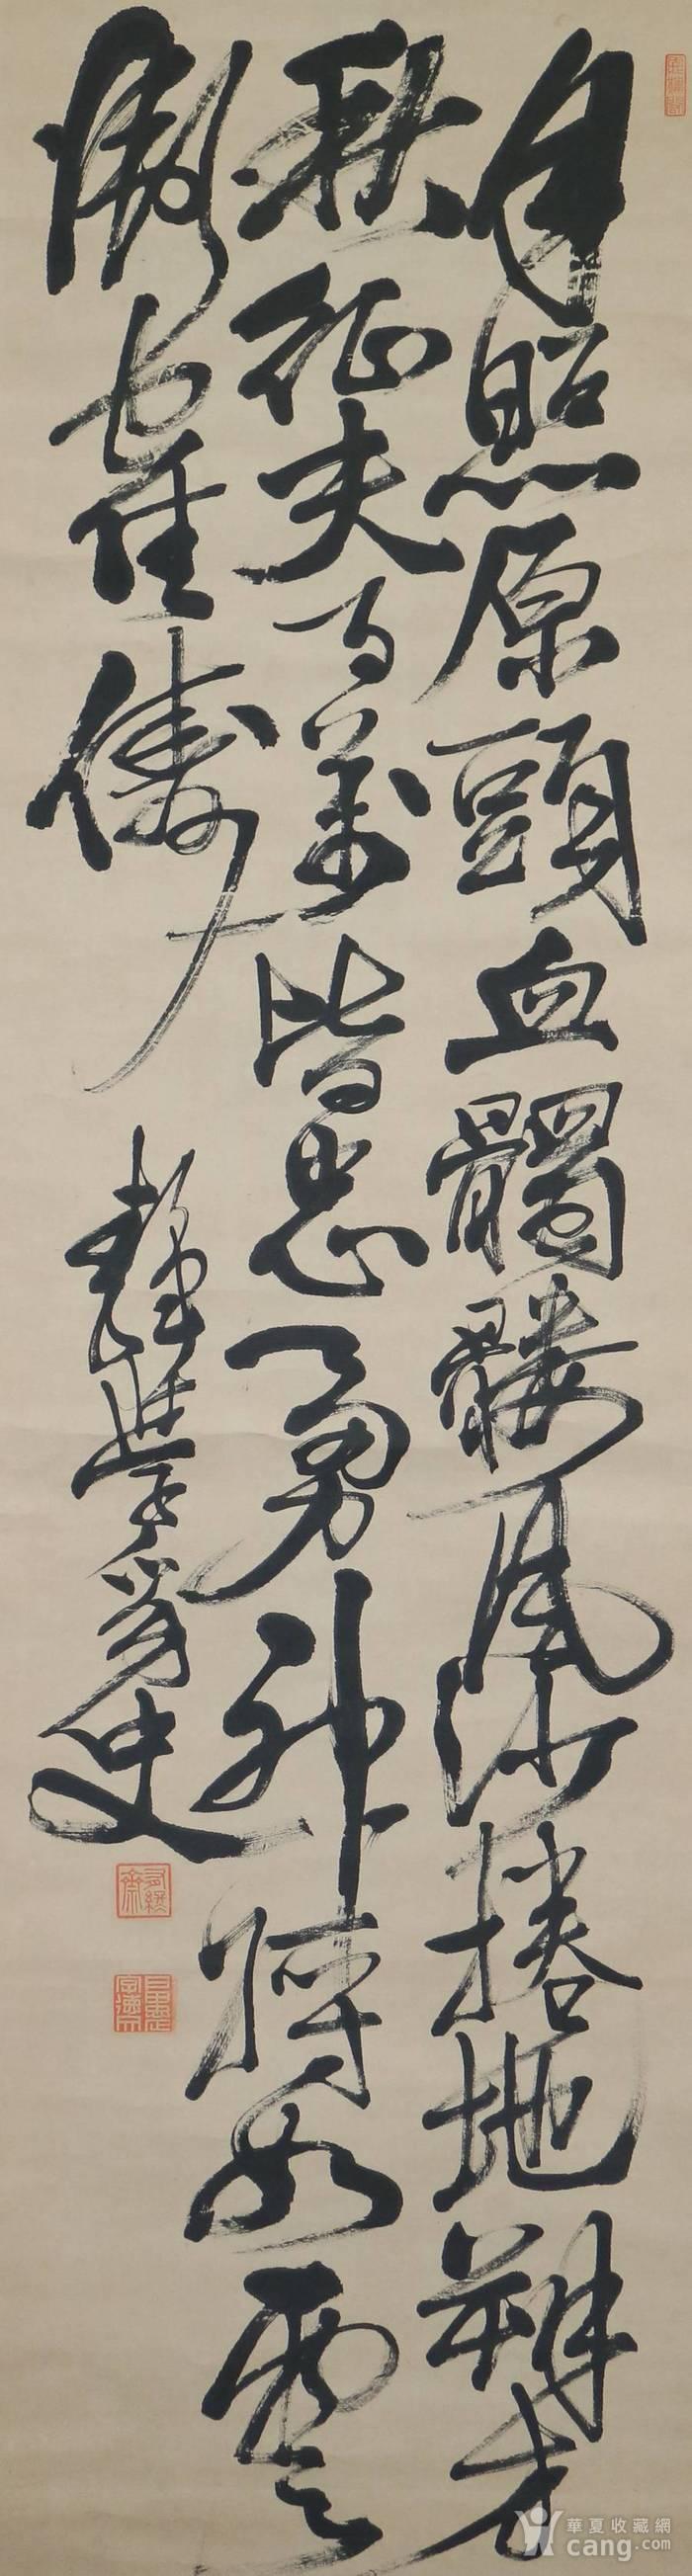 户田忠正,书法图2